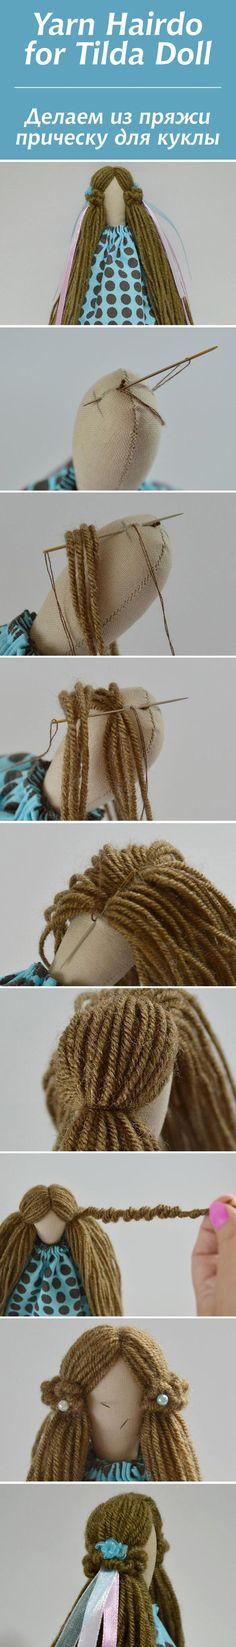 Olá meninas, tudo bem? Encontrei esse tutorial na internet e resolvi compartilhar com vocês, para quem quiser aprender a fazer cabelo de tilda!  Curt